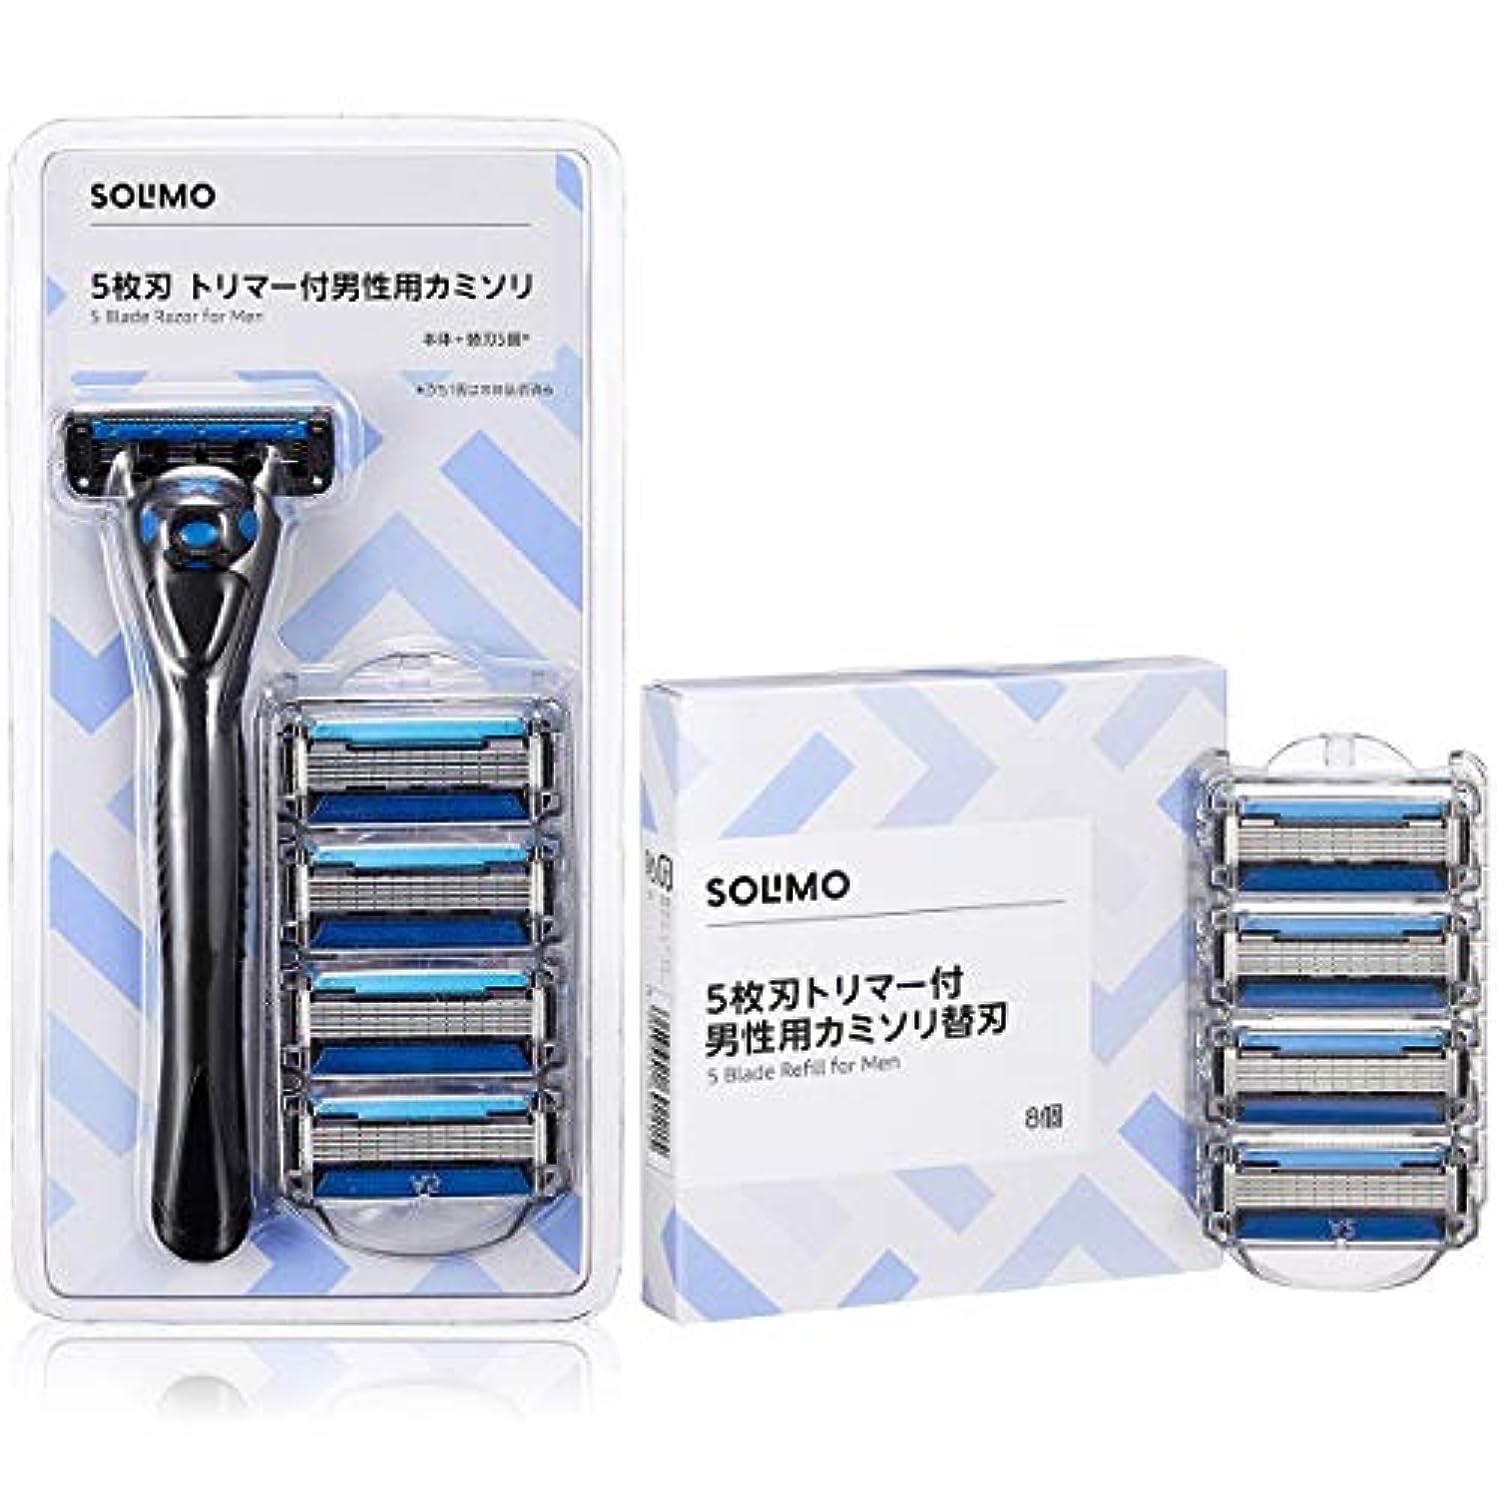 ゲージ理解するところで[Amazonブランド]SOLIMO 5枚刃 トリマー付 男性用 カミソリ本体+替刃5個付(うち1個は本体装着済み) & カミソリ替刃8個